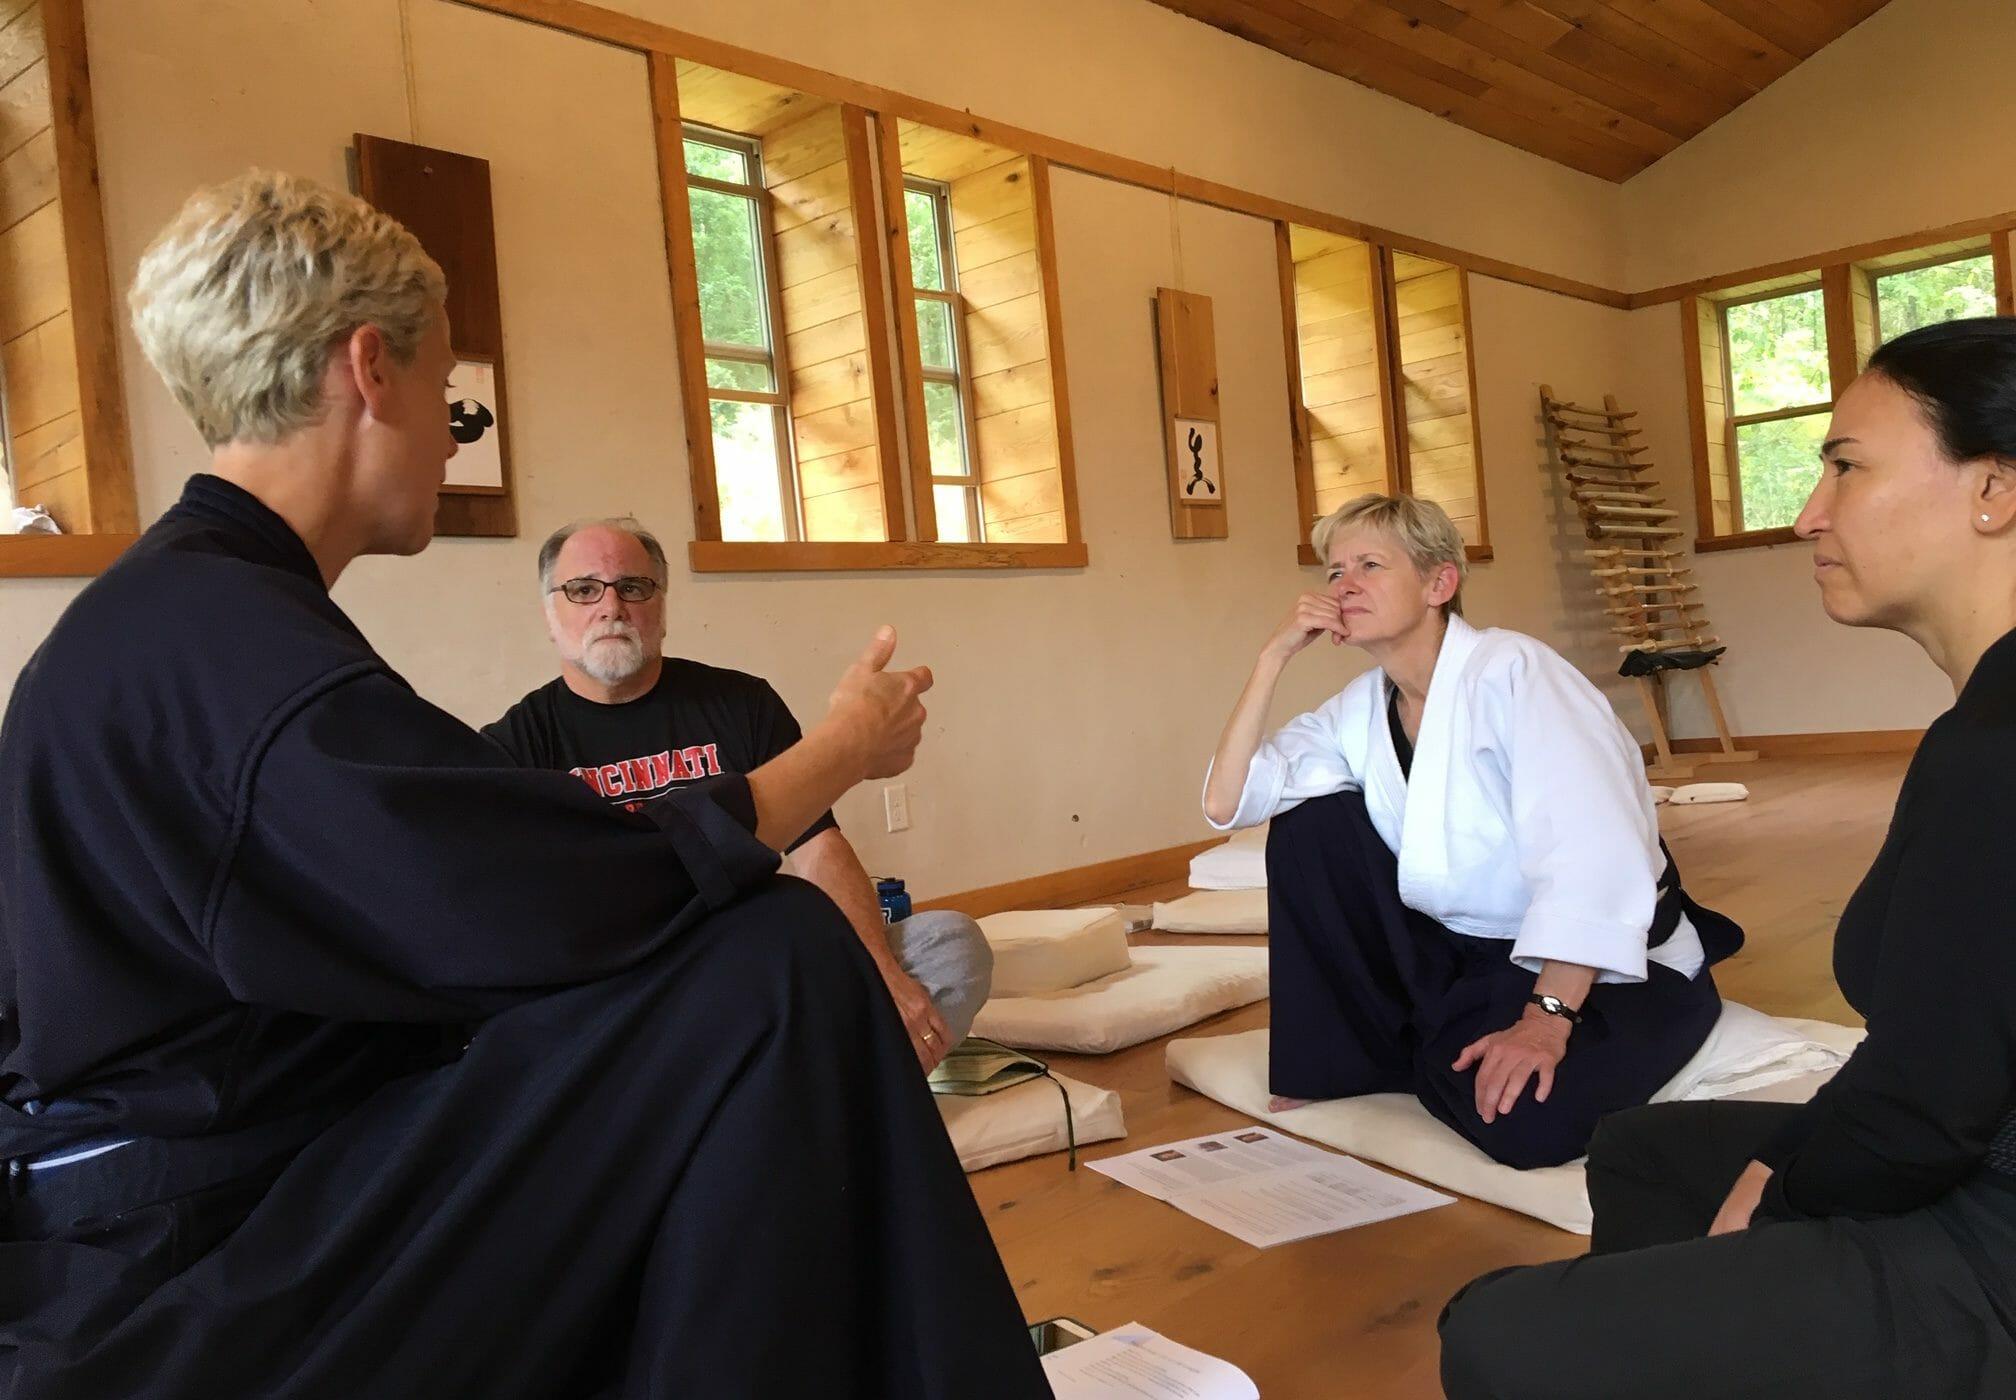 Zen teachers